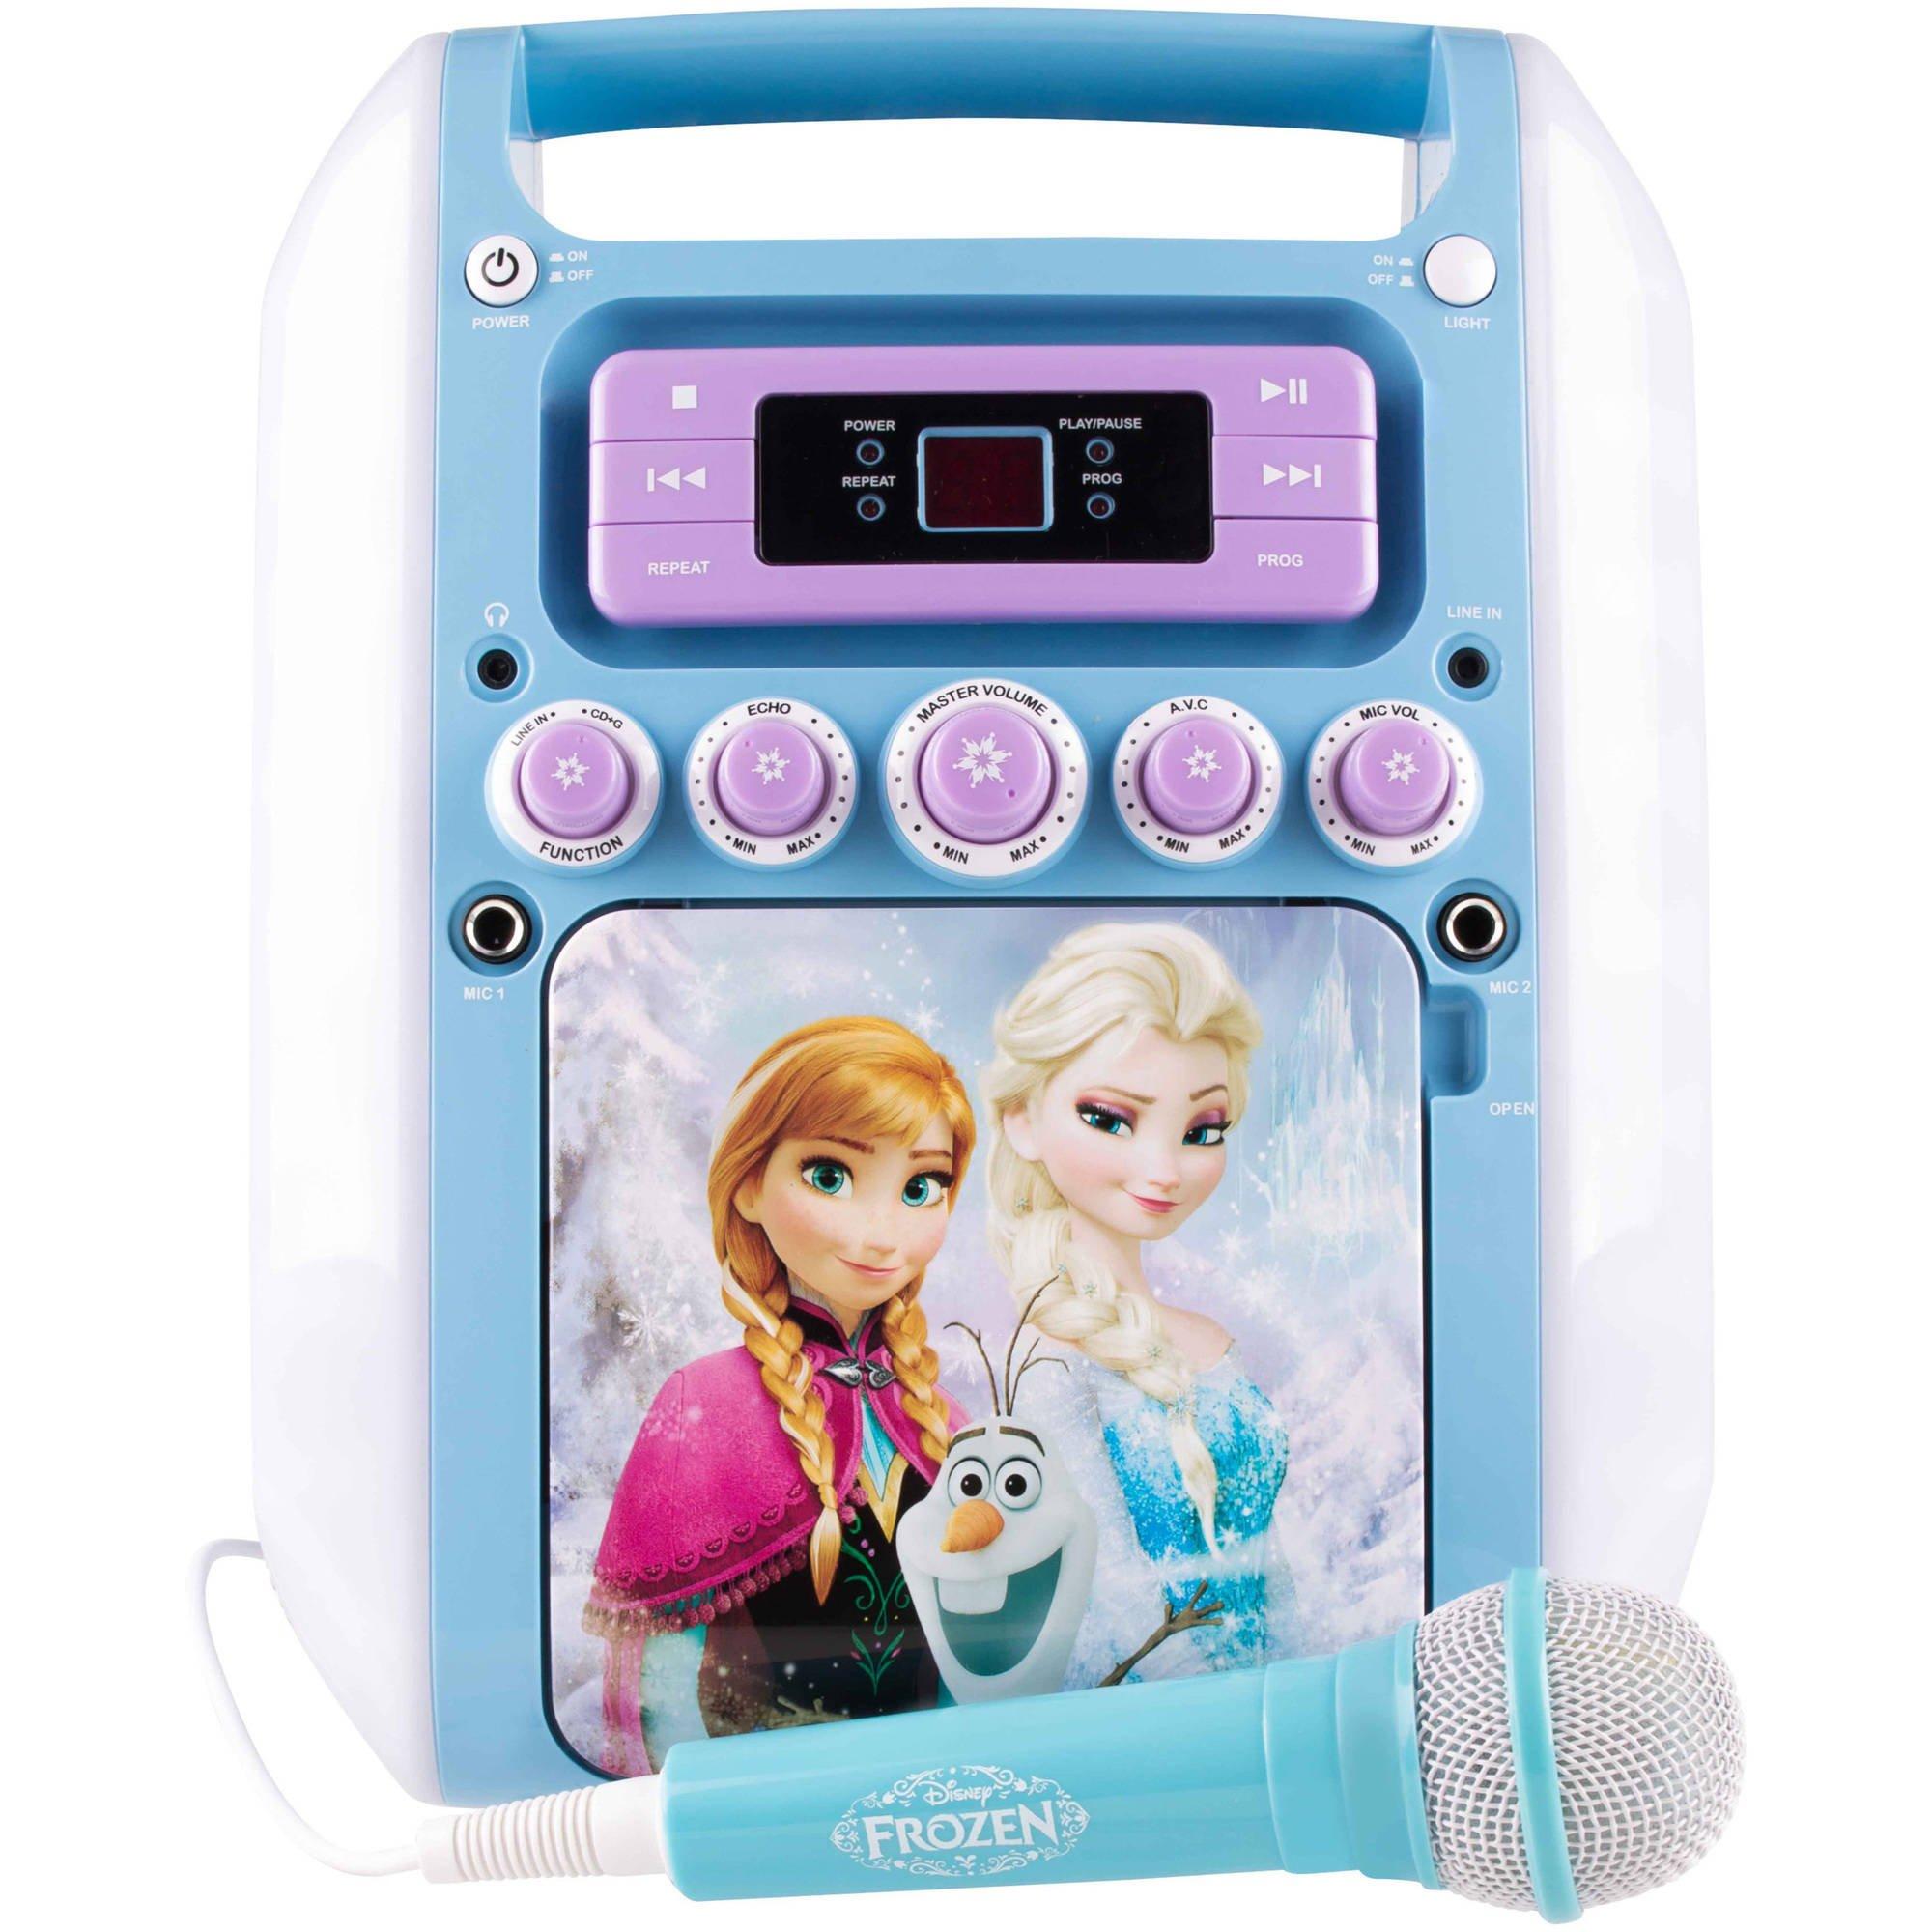 Sakar Frozen Winter Ko2-07027 Magic Karaoke Model by Sakar (Image #1)